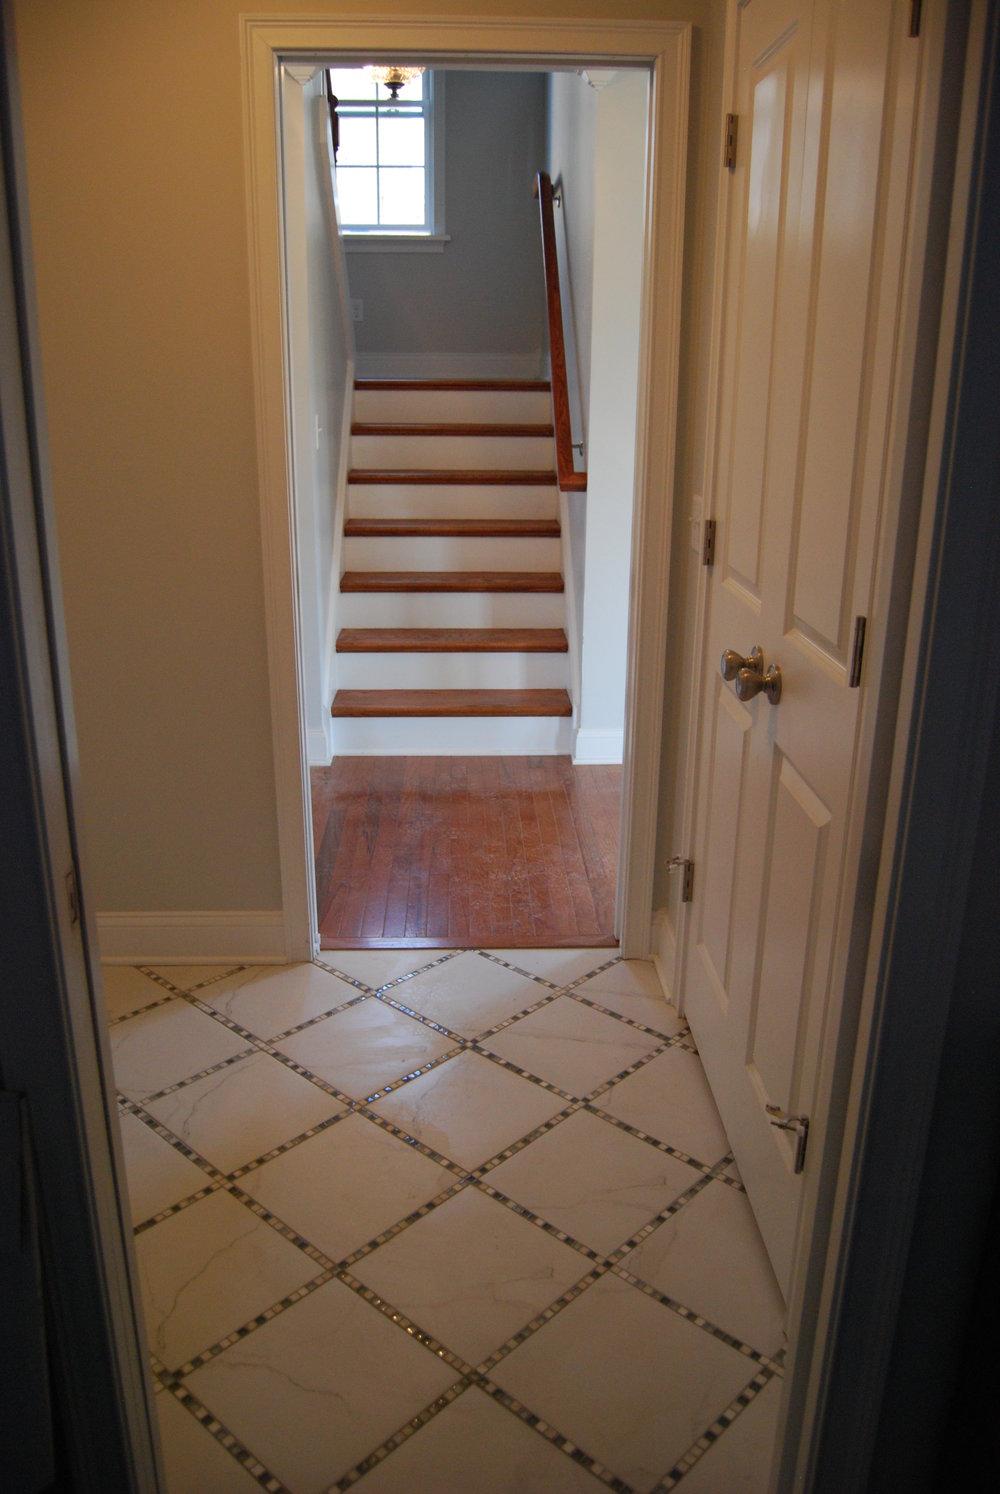 Copy of Bathroom Floor & Stairs